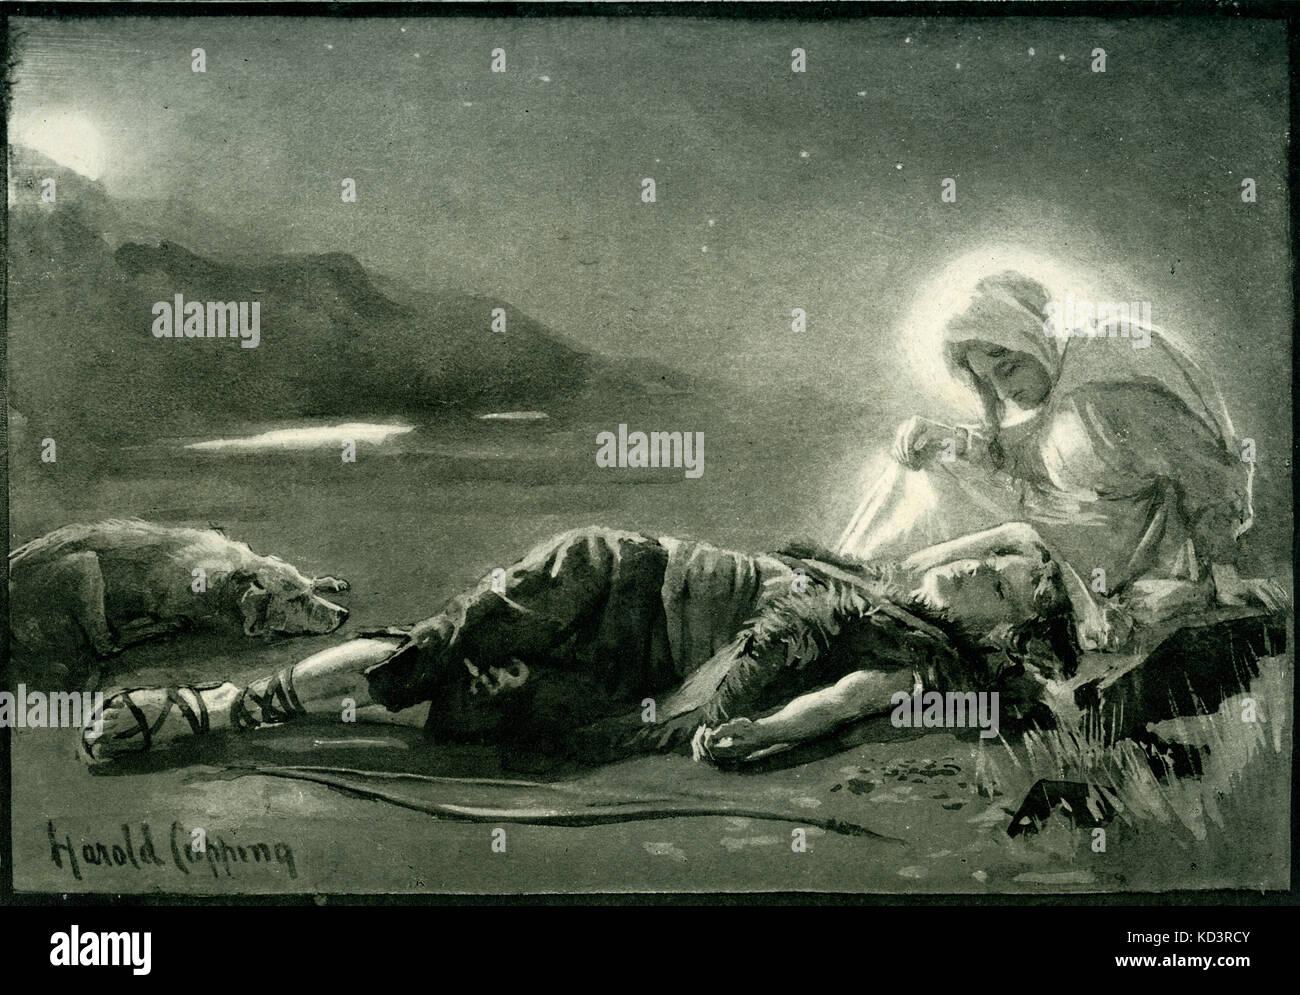 Vascos - La Virgen de las cinco villas. caption lee :' la visión se acercó más cerca y más cerca, y vino y se sentó al lado de la dormir huntsman y miró a él por un largo tiempo en silencio.' huecograbado ilustración por Harold copping. Foto de stock